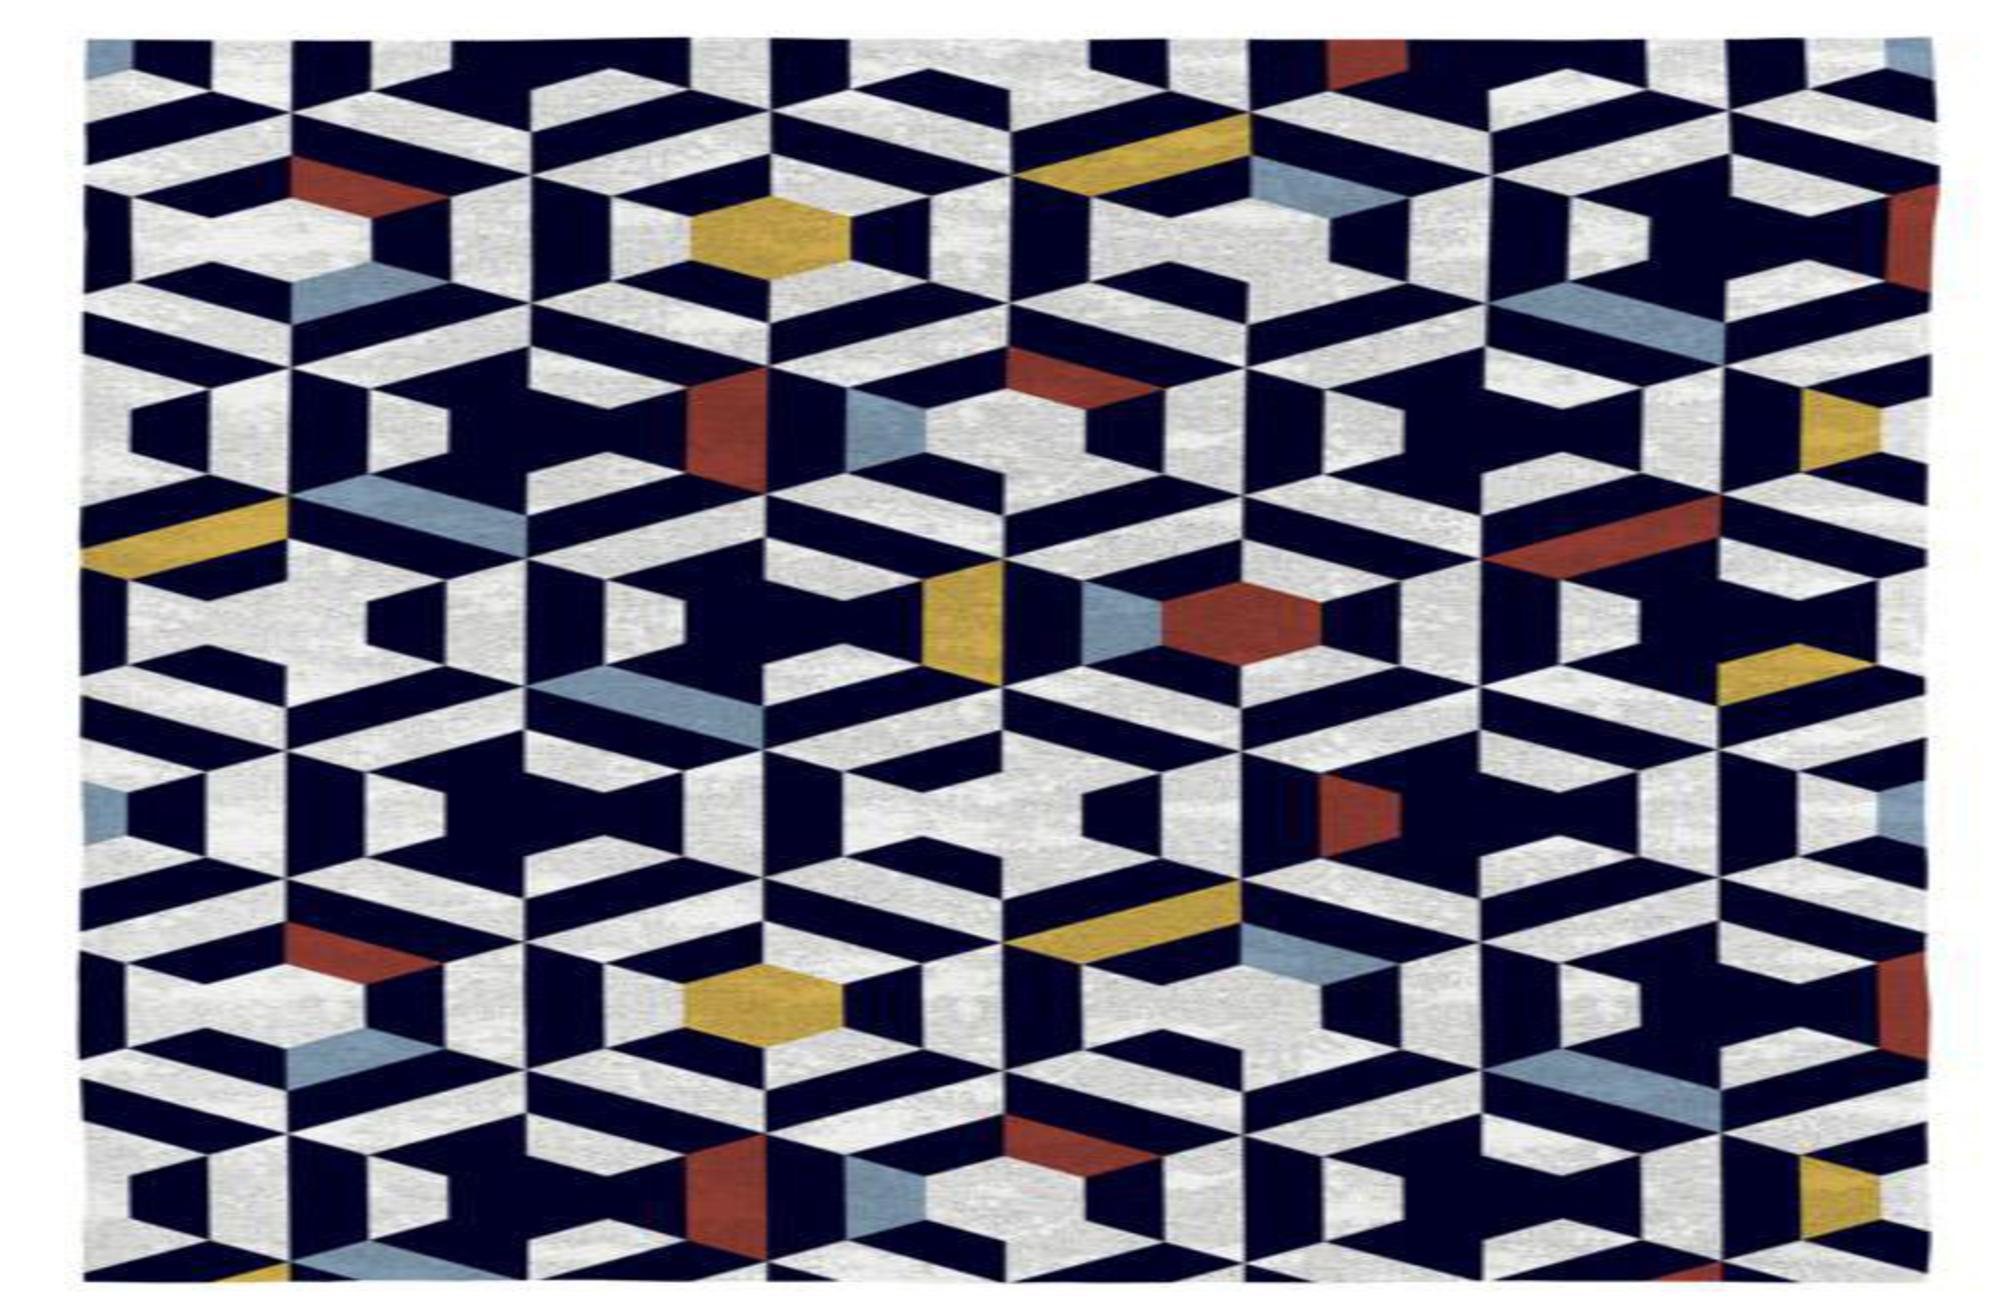 Rodier Tapis décoratif en coton en impression numérique 120x170